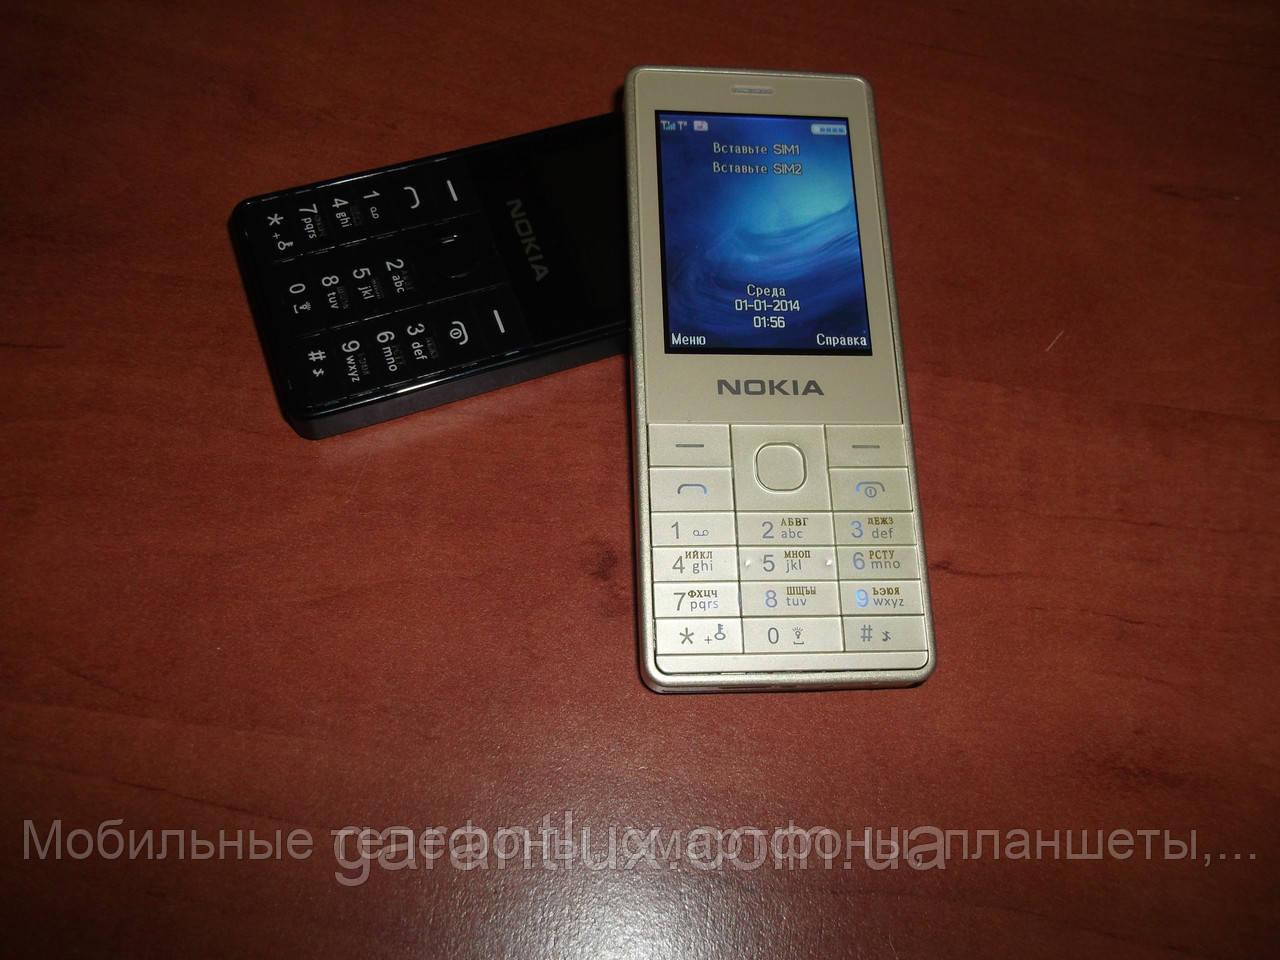 Мобильный телефон Nokia Asha 515 Dual 2 Sim (нокиа на 2 сим карты)